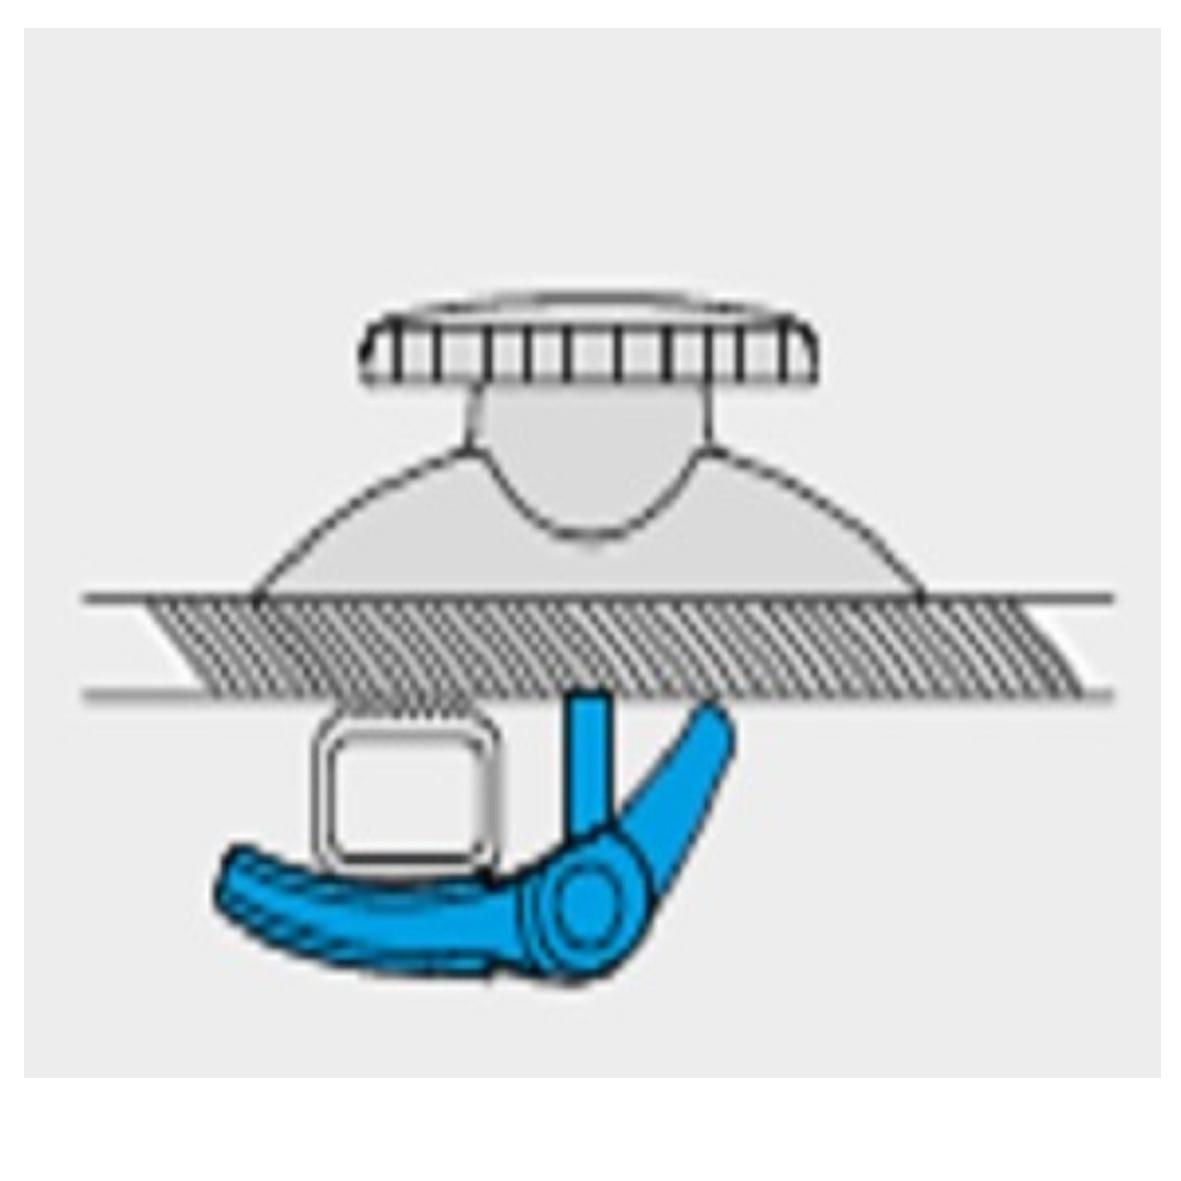 ΔΙΕΘΝΕΣ ΣΥΣΤΗΜΑ ΔΕΣΗΣ (FITTING SYSTEM) DIAMOND ΜΠΑΓΚΑΖΙΕΡΩΝ ΟΡΟΦΗΣ ΣΕ ΜΠΑΡΕΣ - MENABO